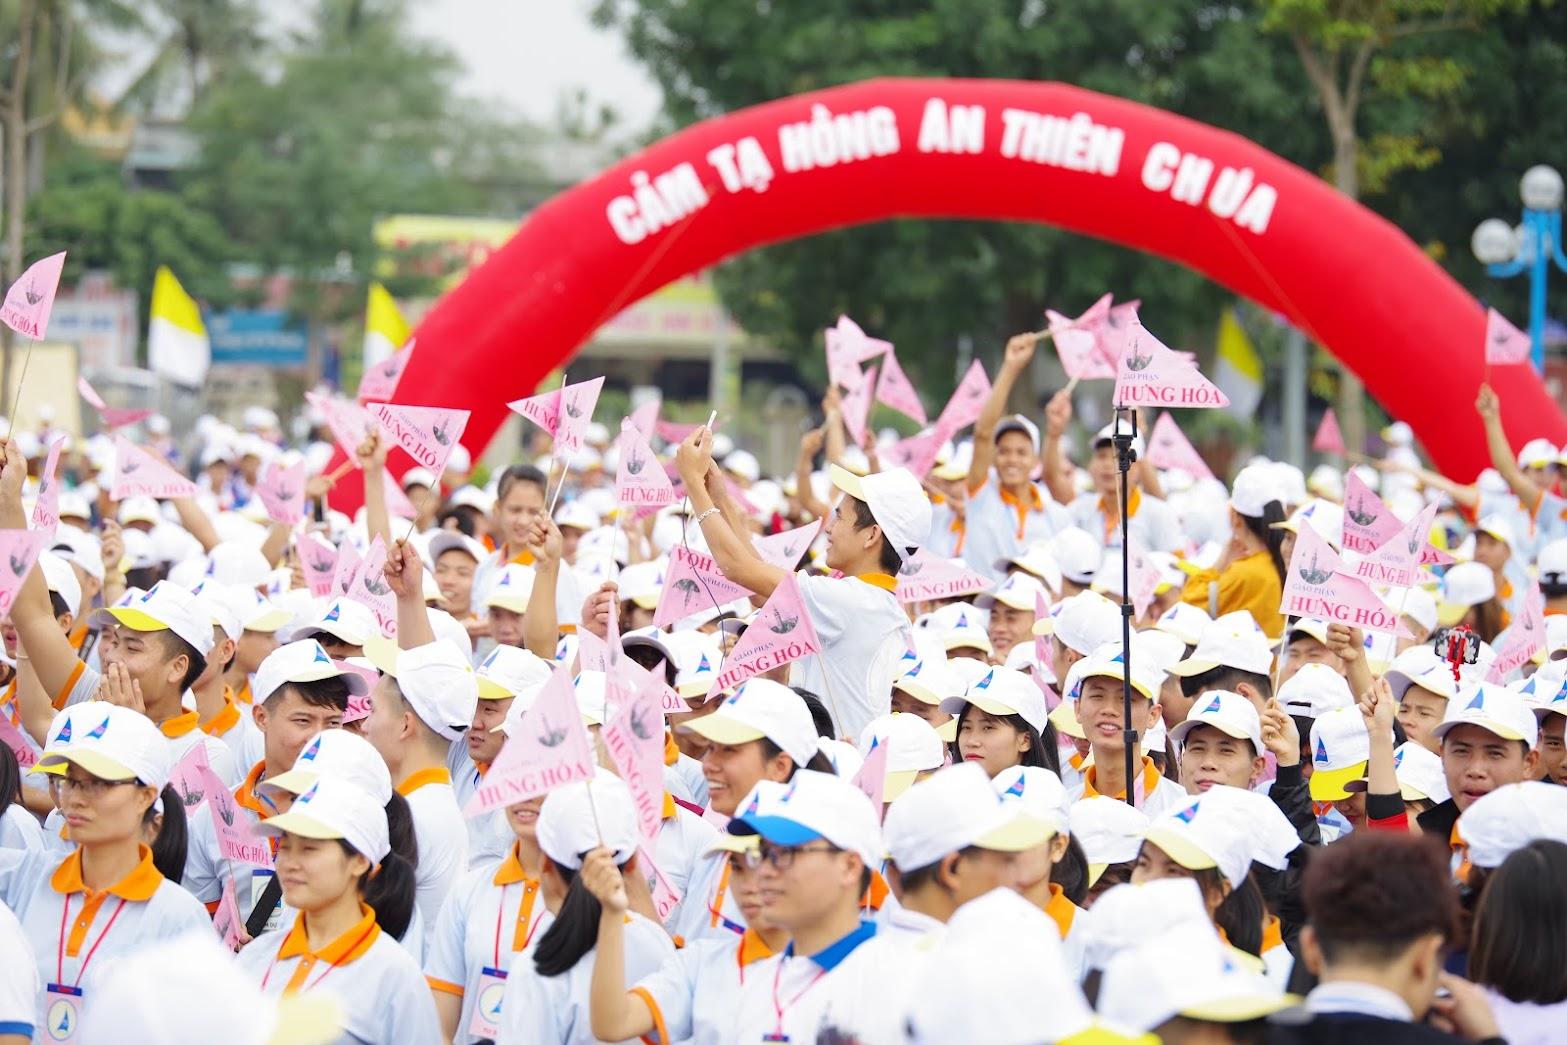 Những hình ảnh đẹp về lễ khai mạc Đại Hội Giới Trẻ giáo tỉnh Hà Nội lần thứ XV tại Thanh Hóa - Ảnh minh hoạ 5